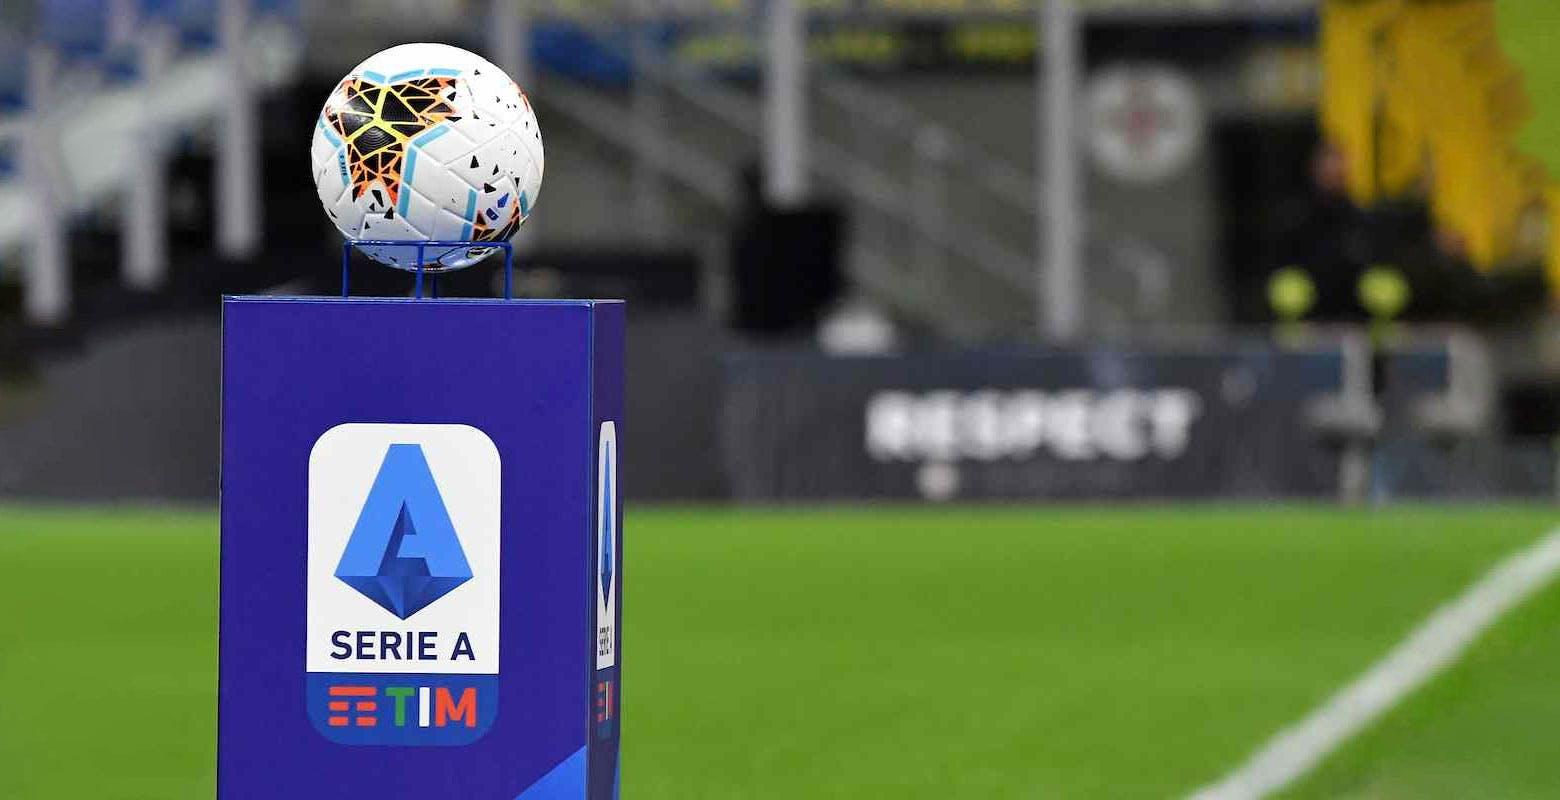 Serie A, ecco i calendari: niente spezzatino, tre partite DAZN in contemporanea. Quale andrà in digitale terrestre?